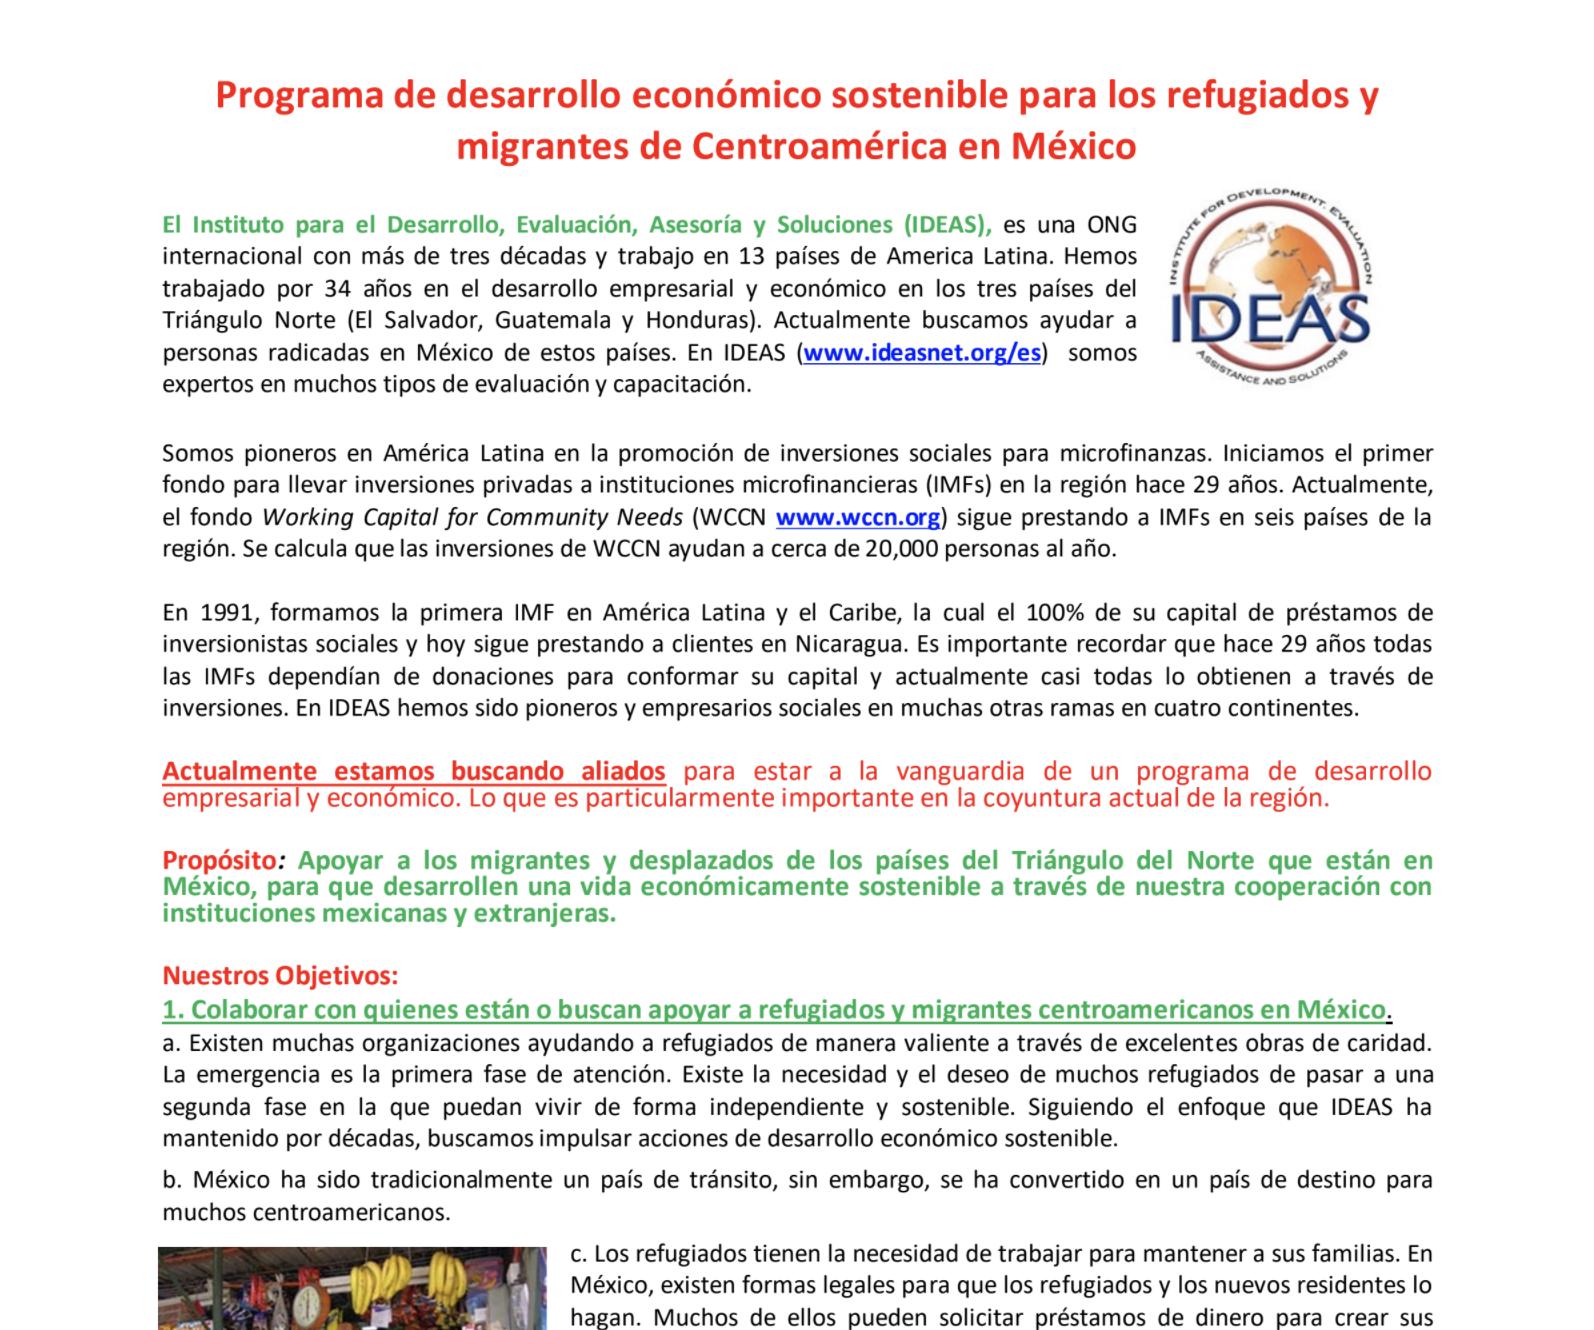 Programa para refugiados Centroamericanos en Mexico (30-7-20)